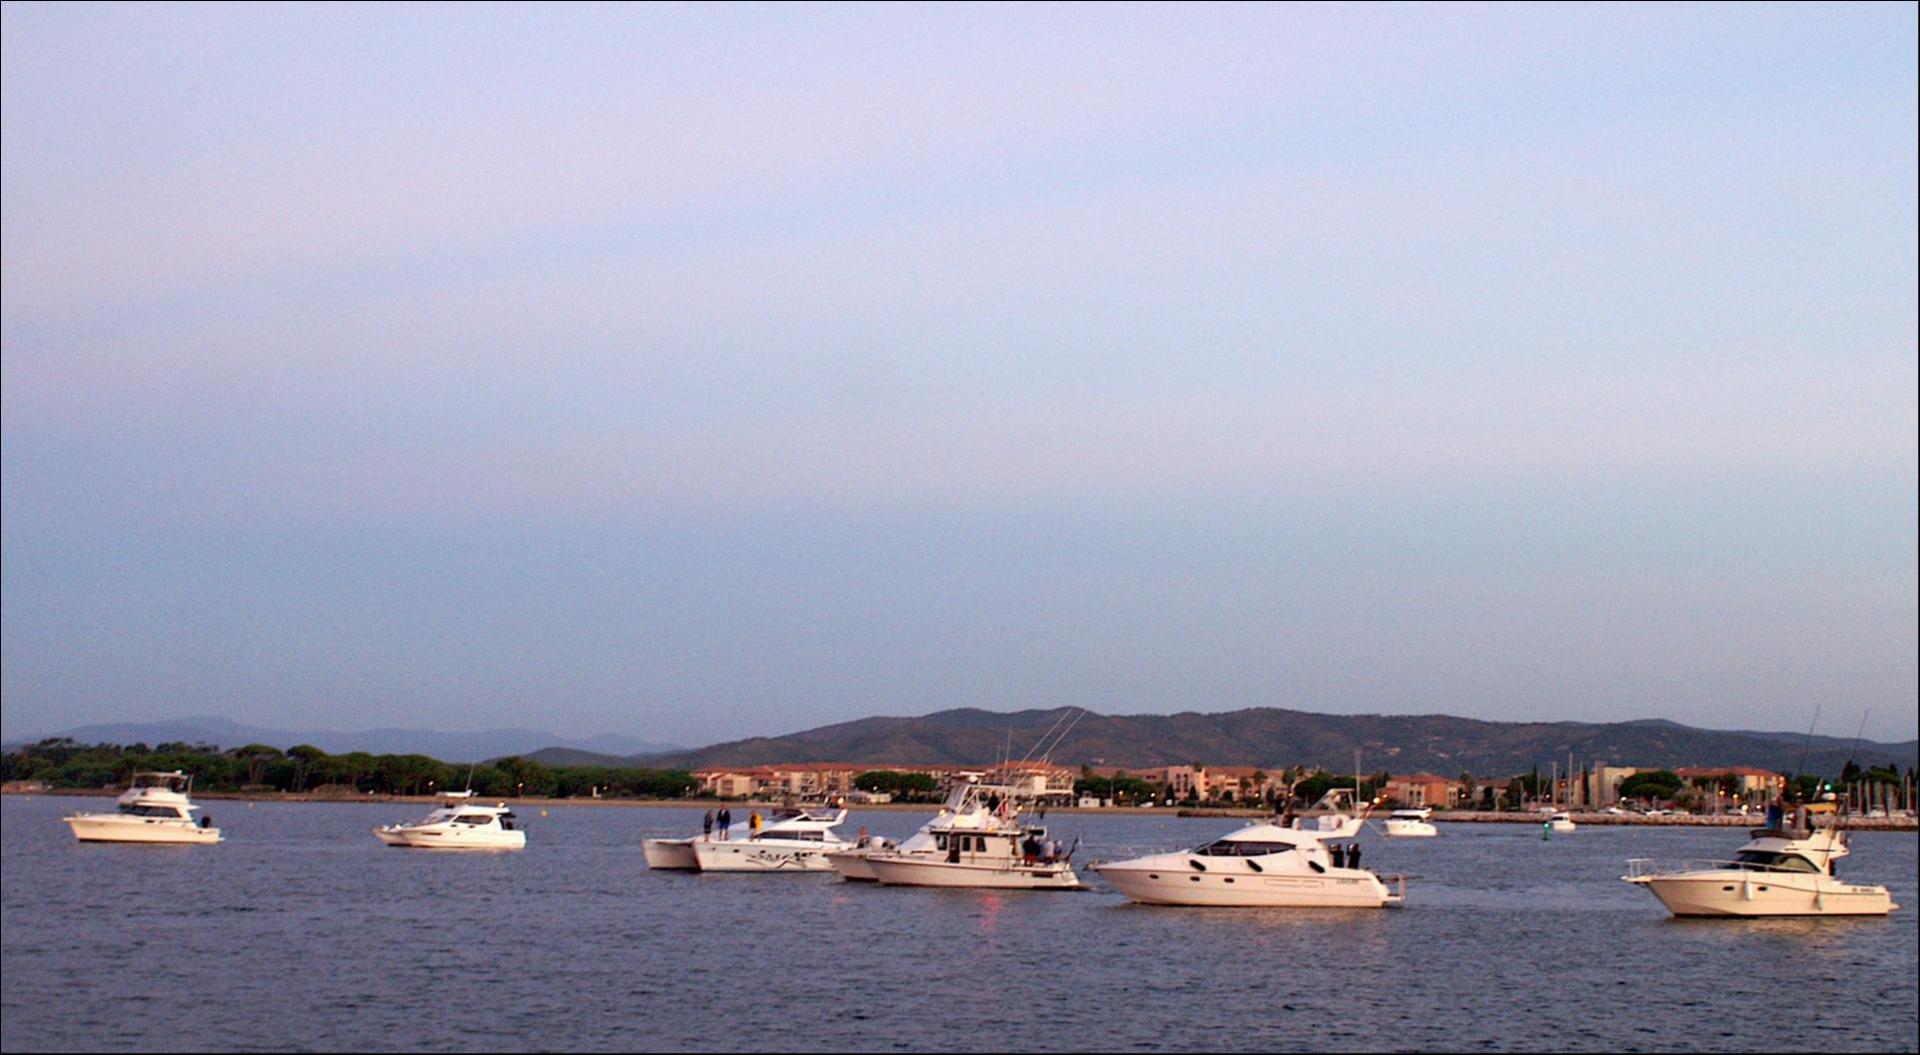 Dès la sortie du port les bateaux s'alignent